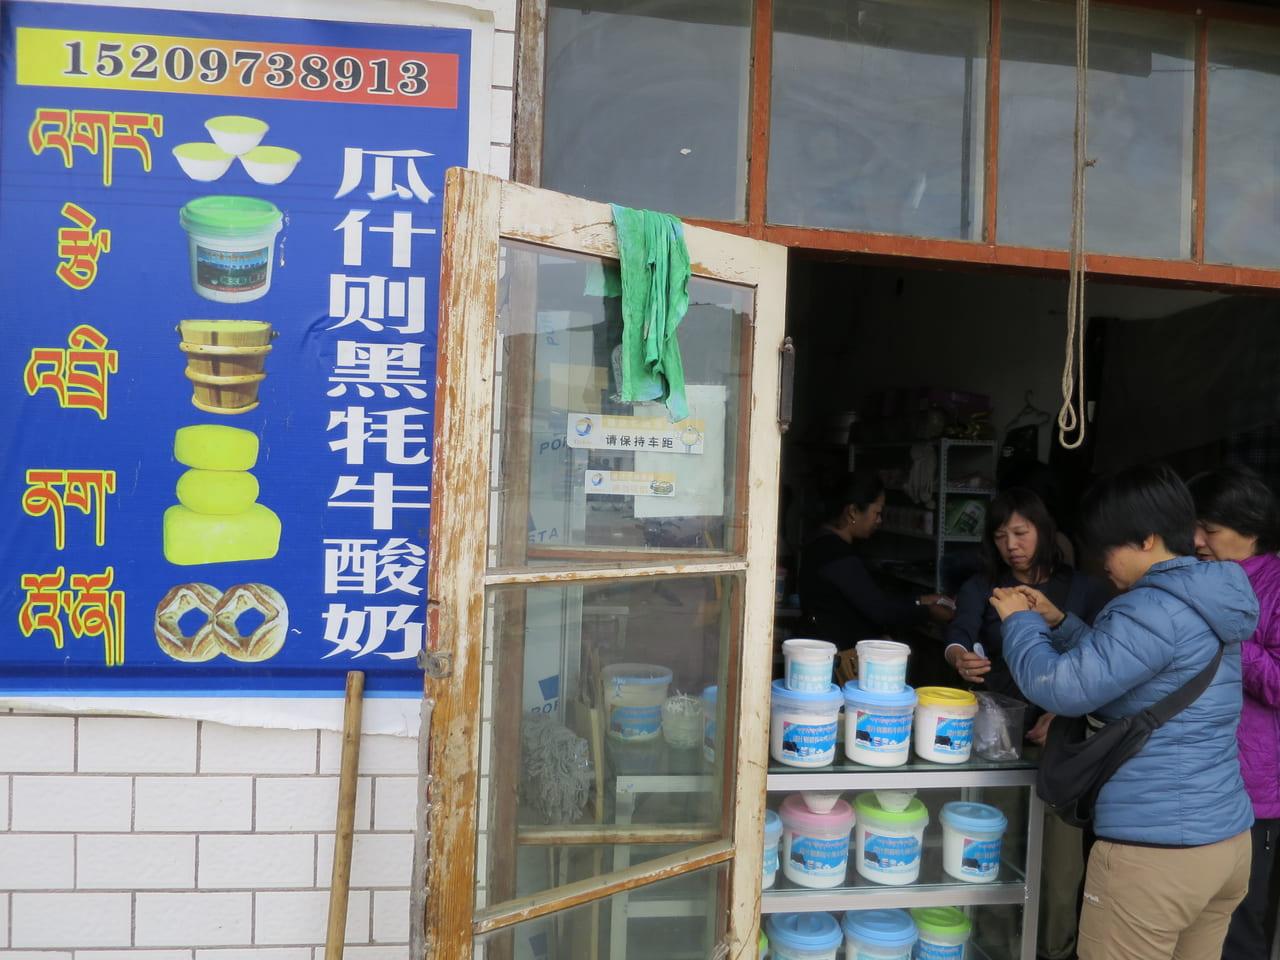 ガルツィ村の店